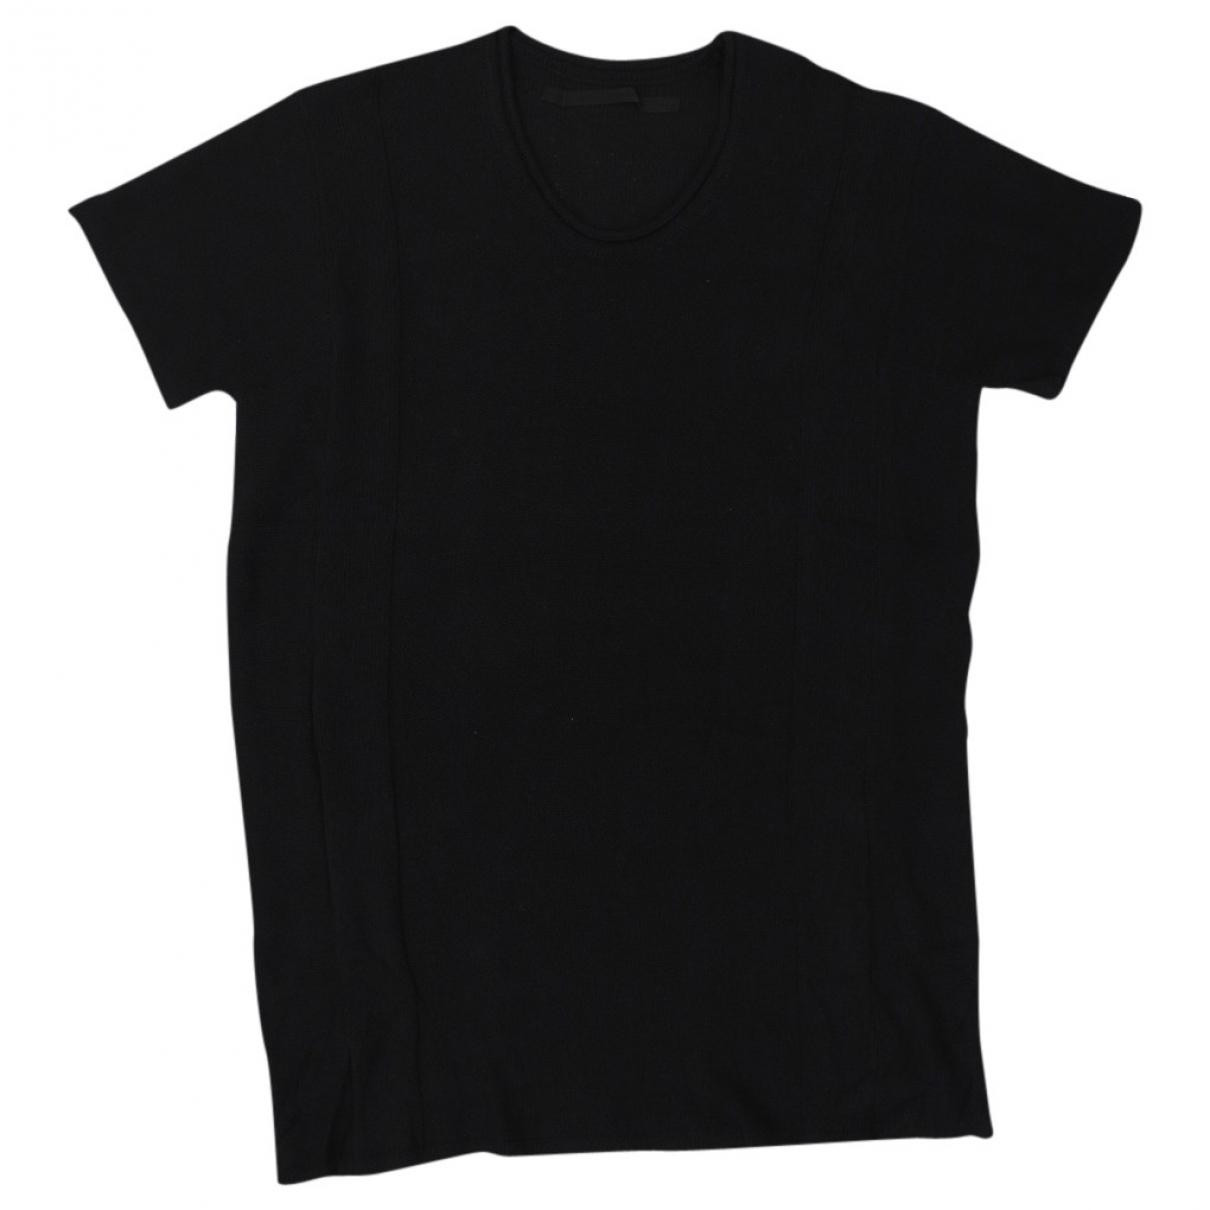 Julius 7 \N Black T-shirts for Men 1 0 - 6